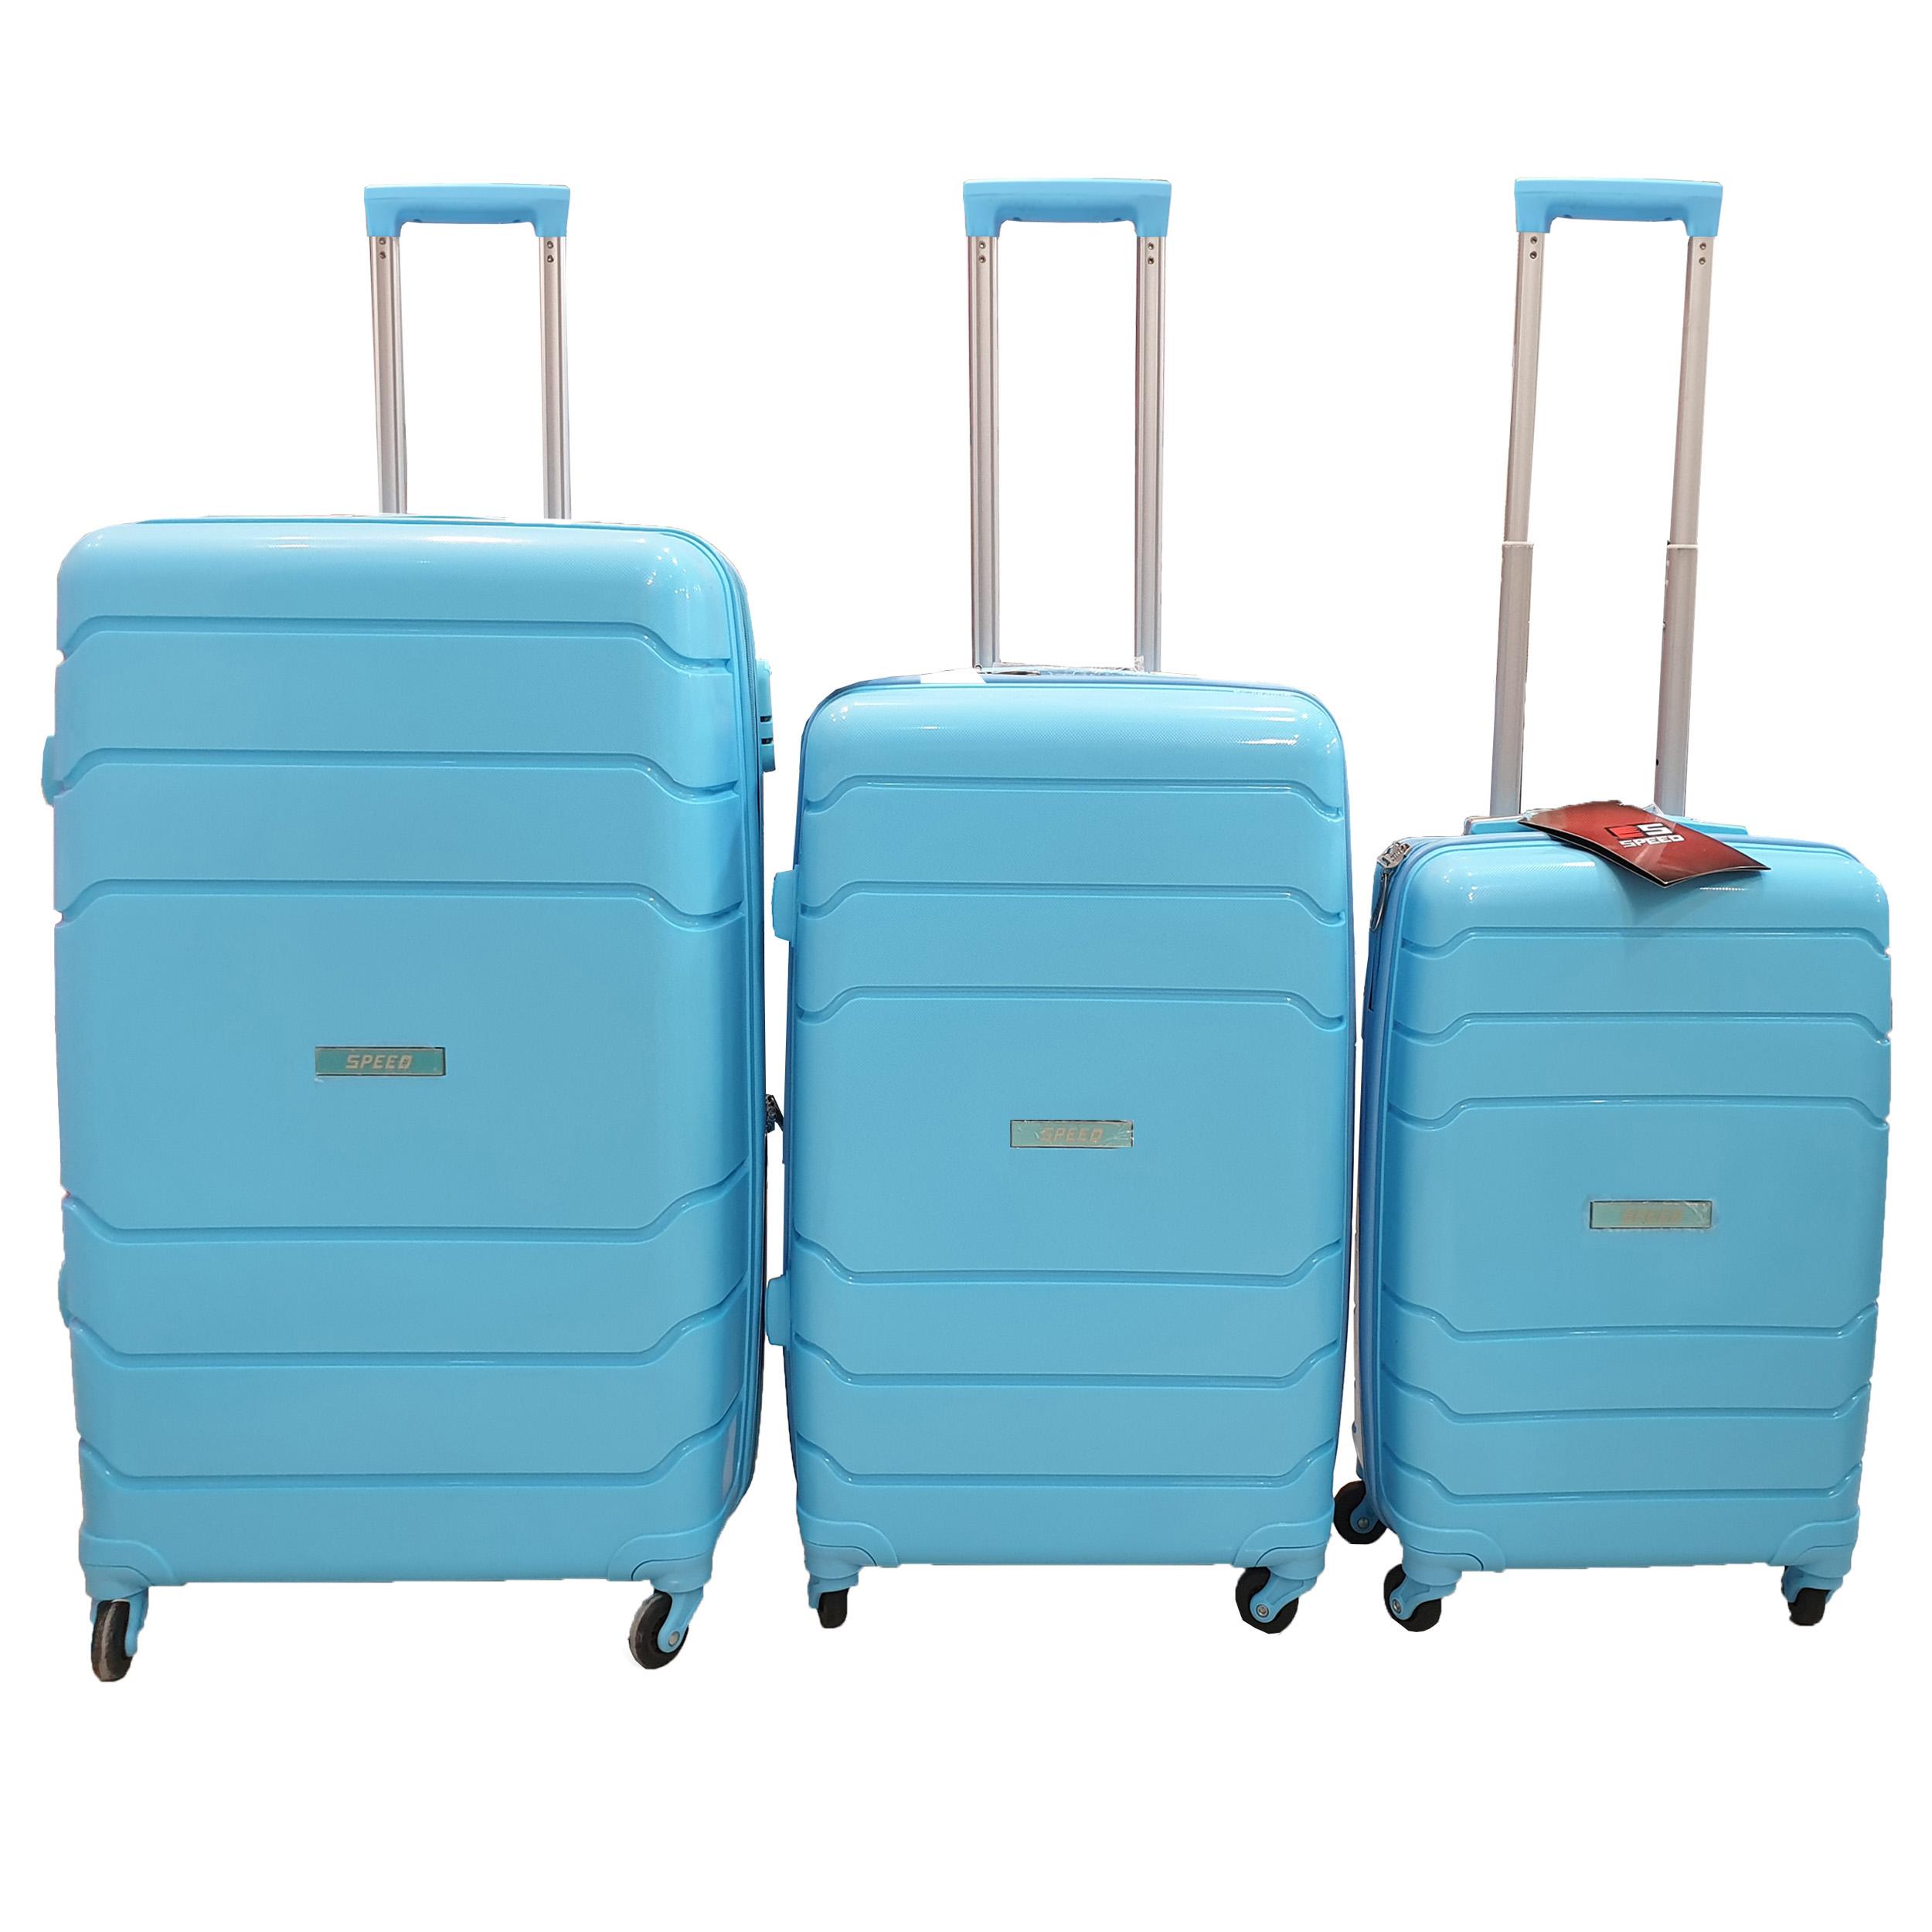 مجموعه سه عددی چمدان اسپید کد B016